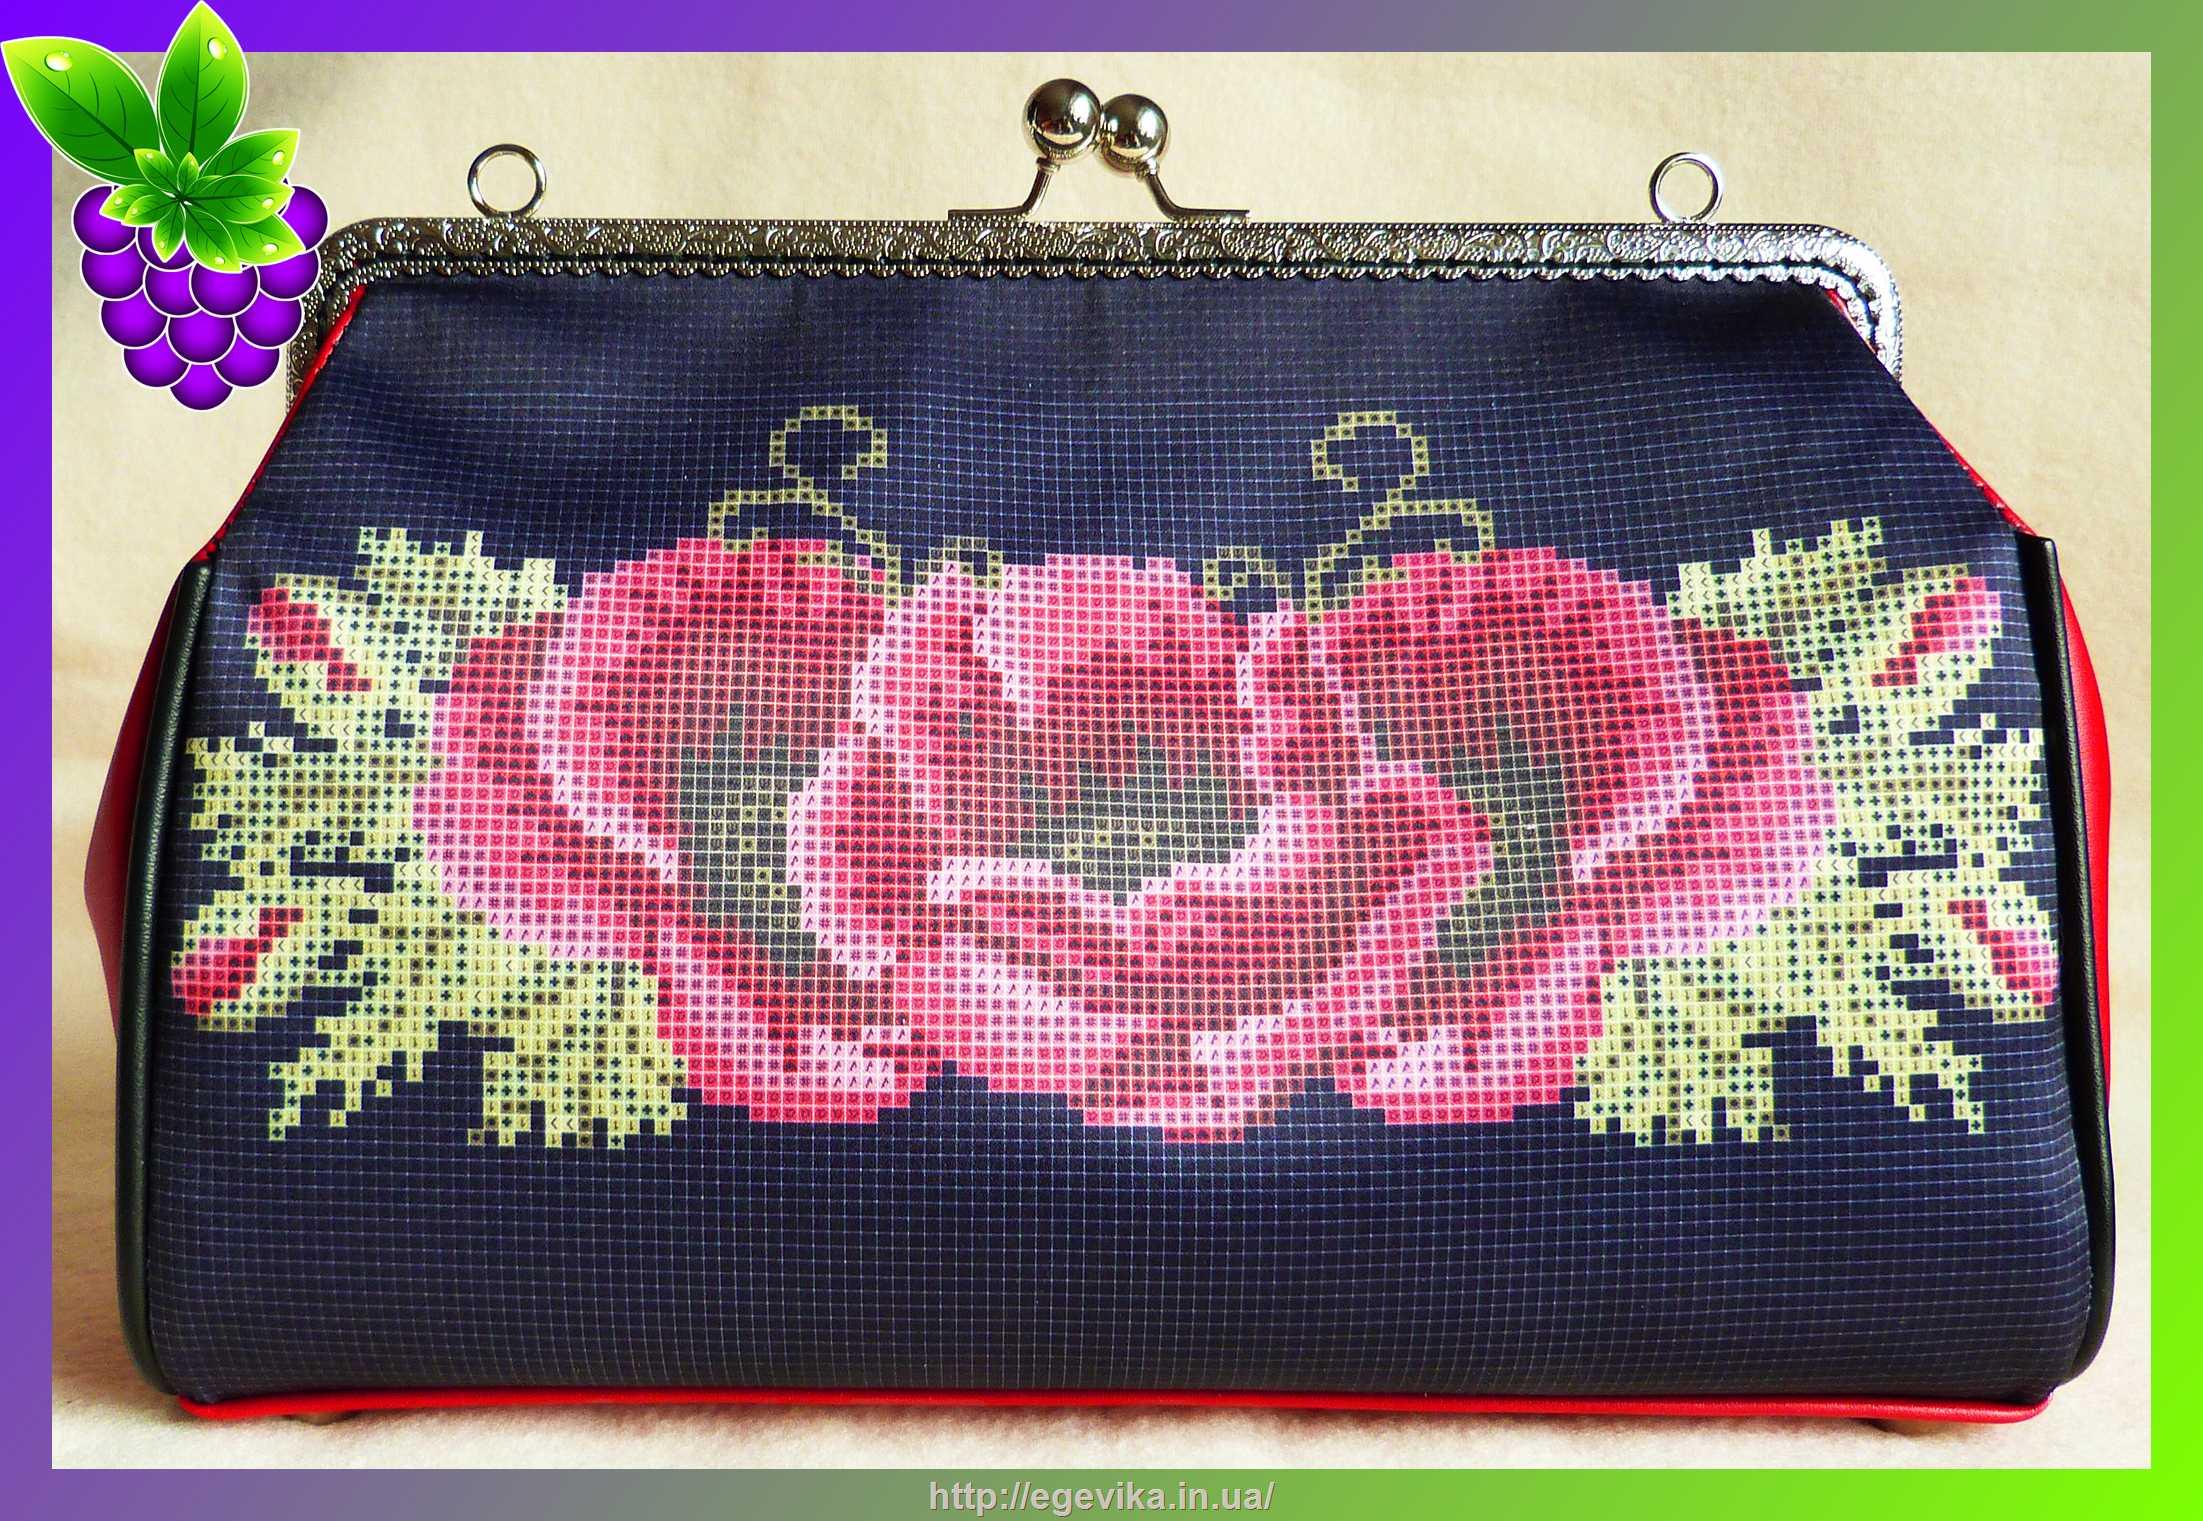 Вышивка бисером сумочка 23